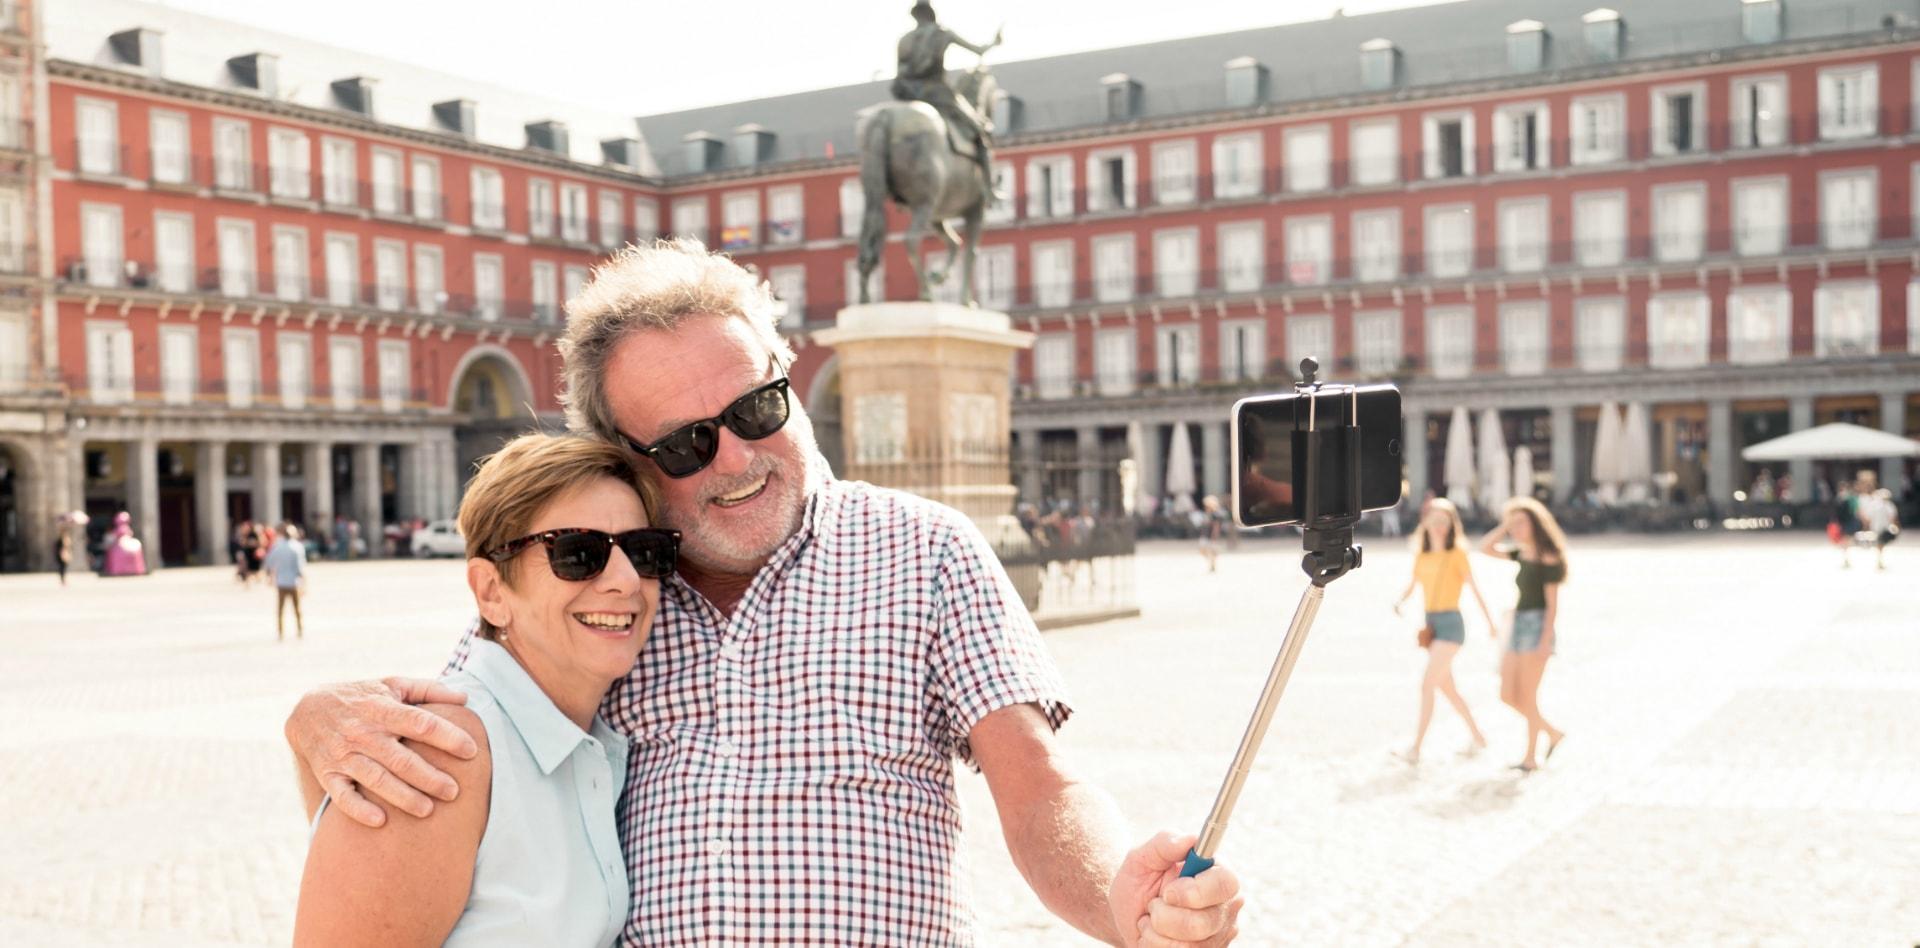 Travelers in Spain